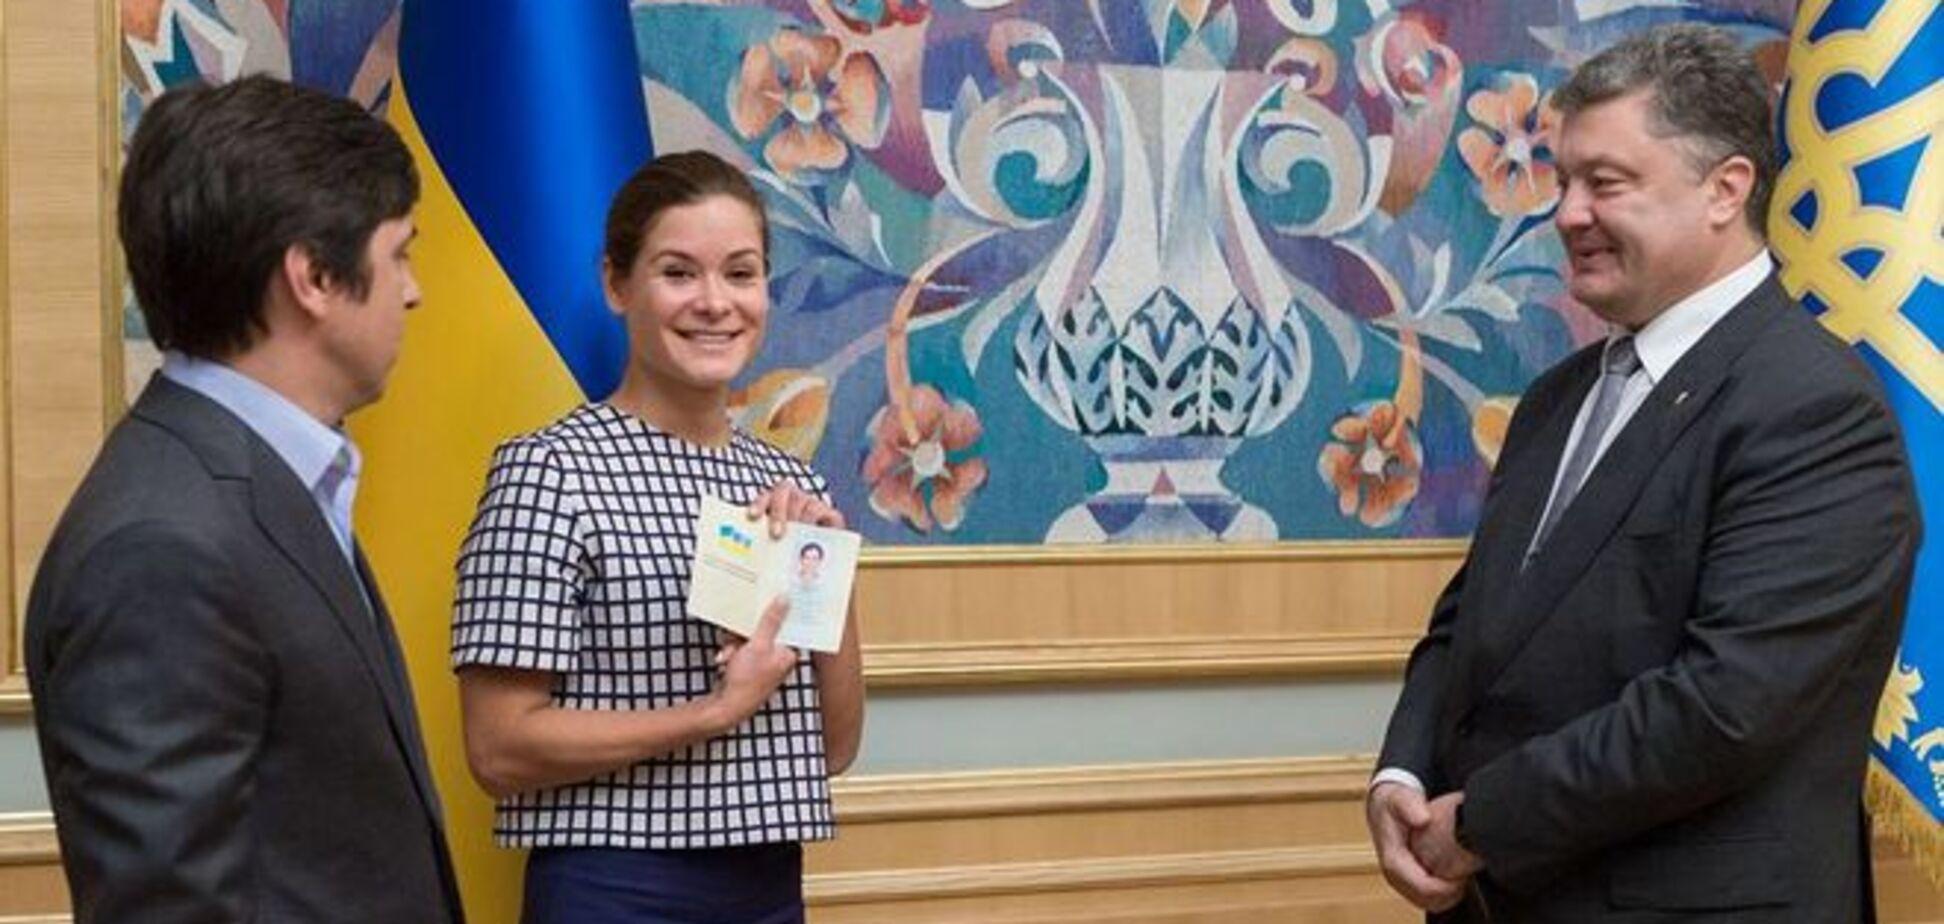 Порошенко предоставил Гайдар украинское гражданство